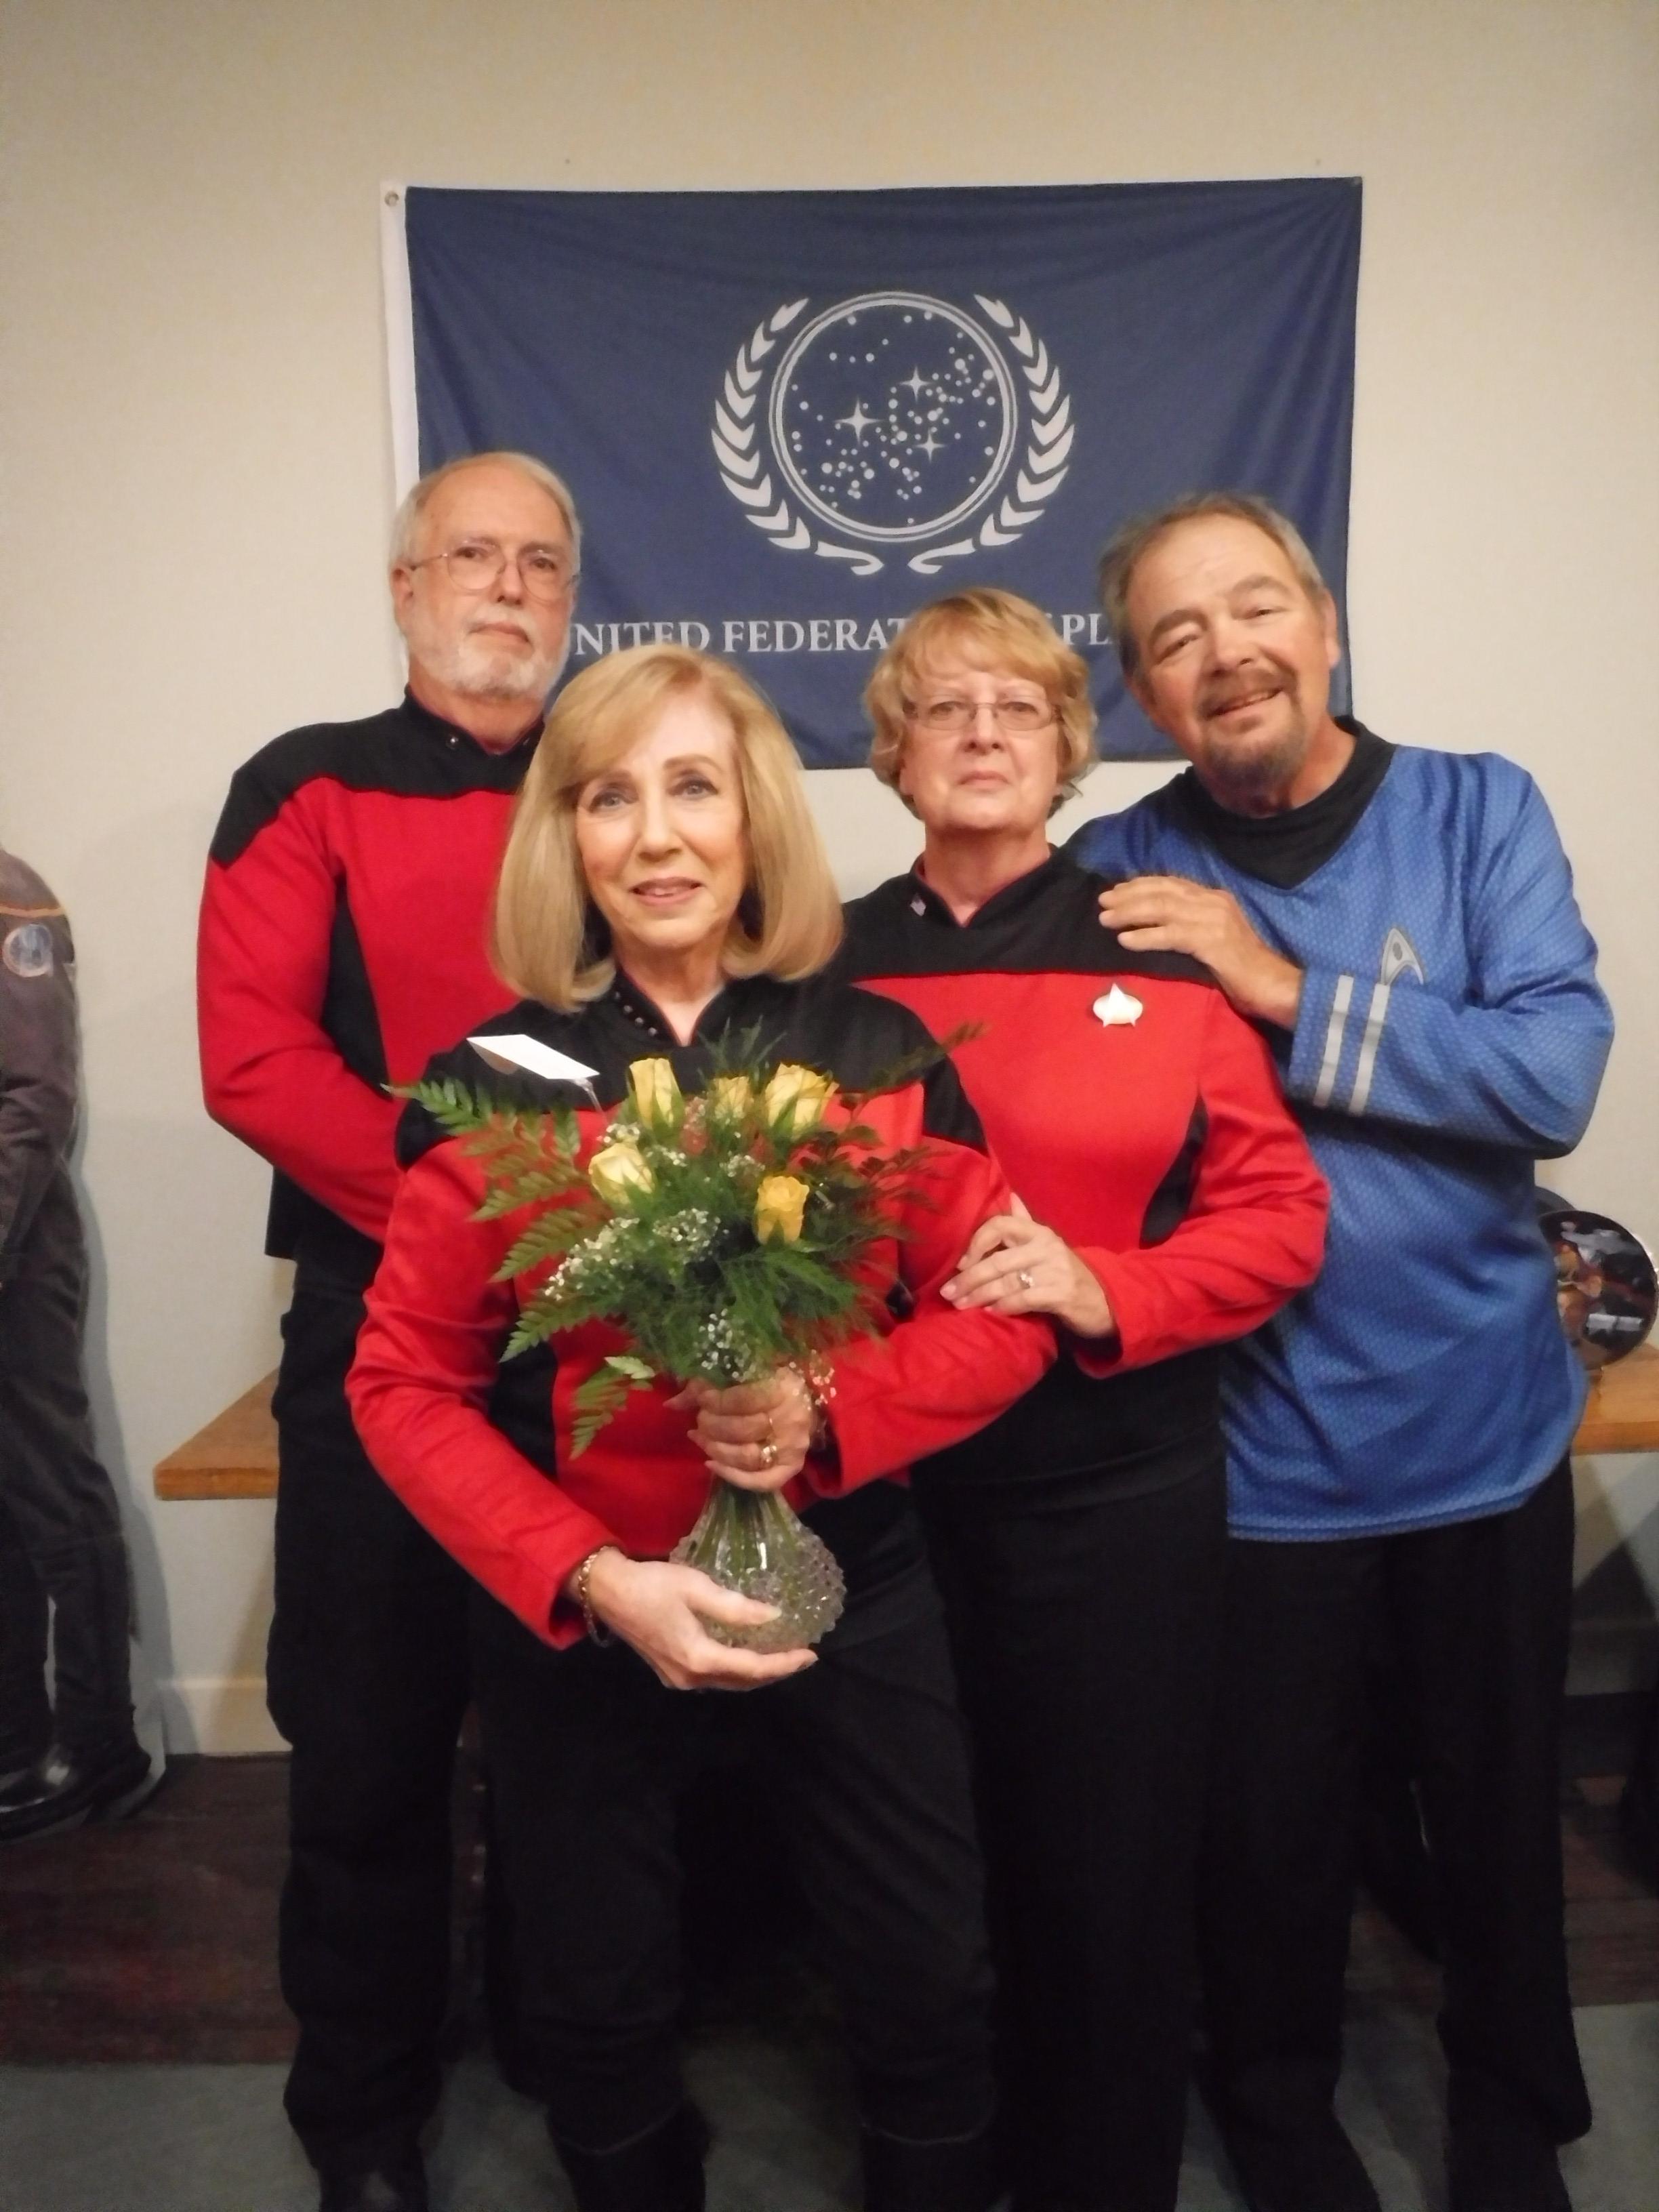 Linda Being Presented Roses